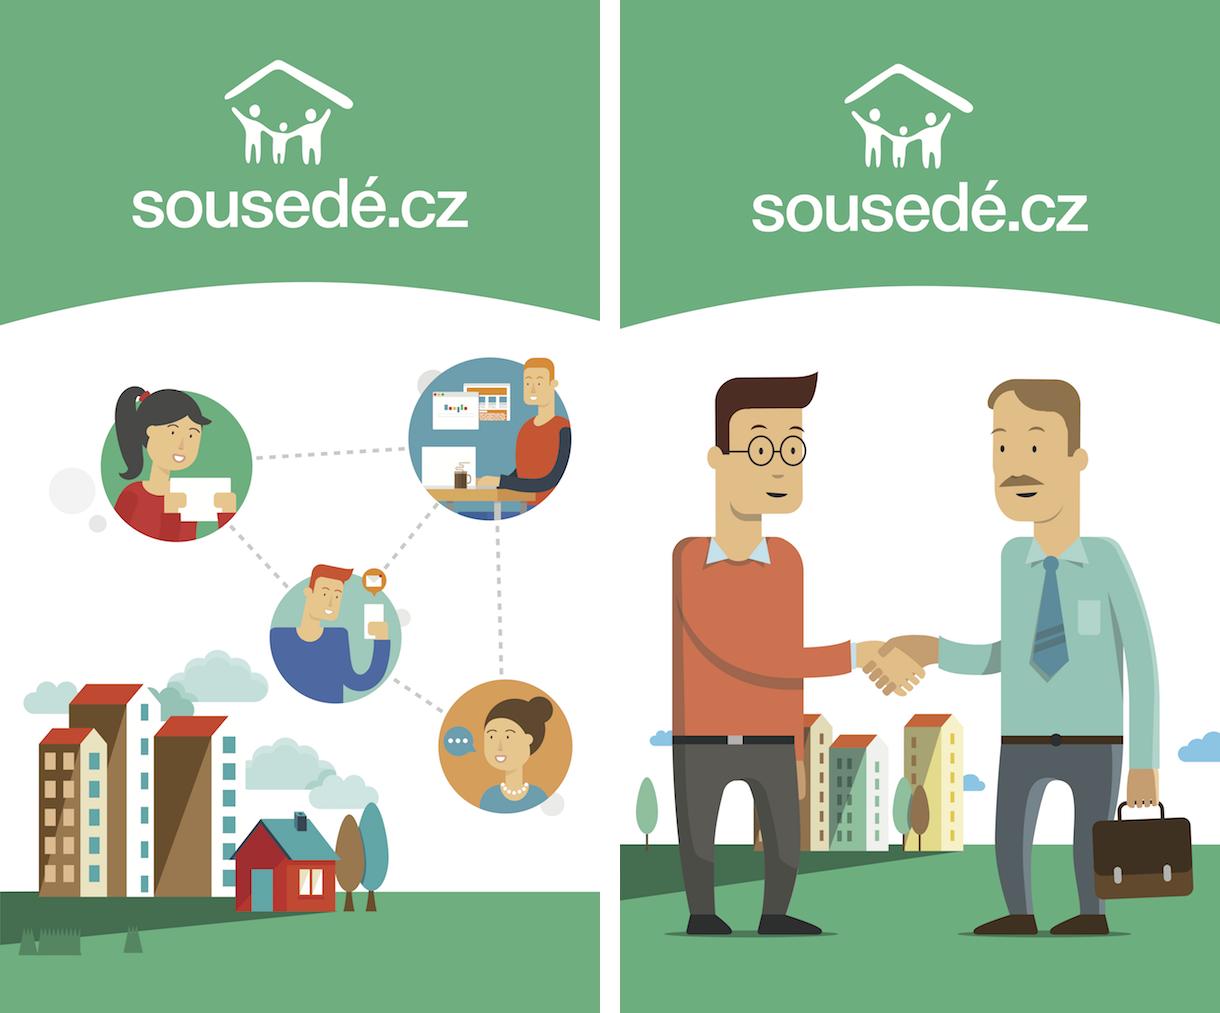 Nové logo a vizuální styl portálu Sousedé.cz